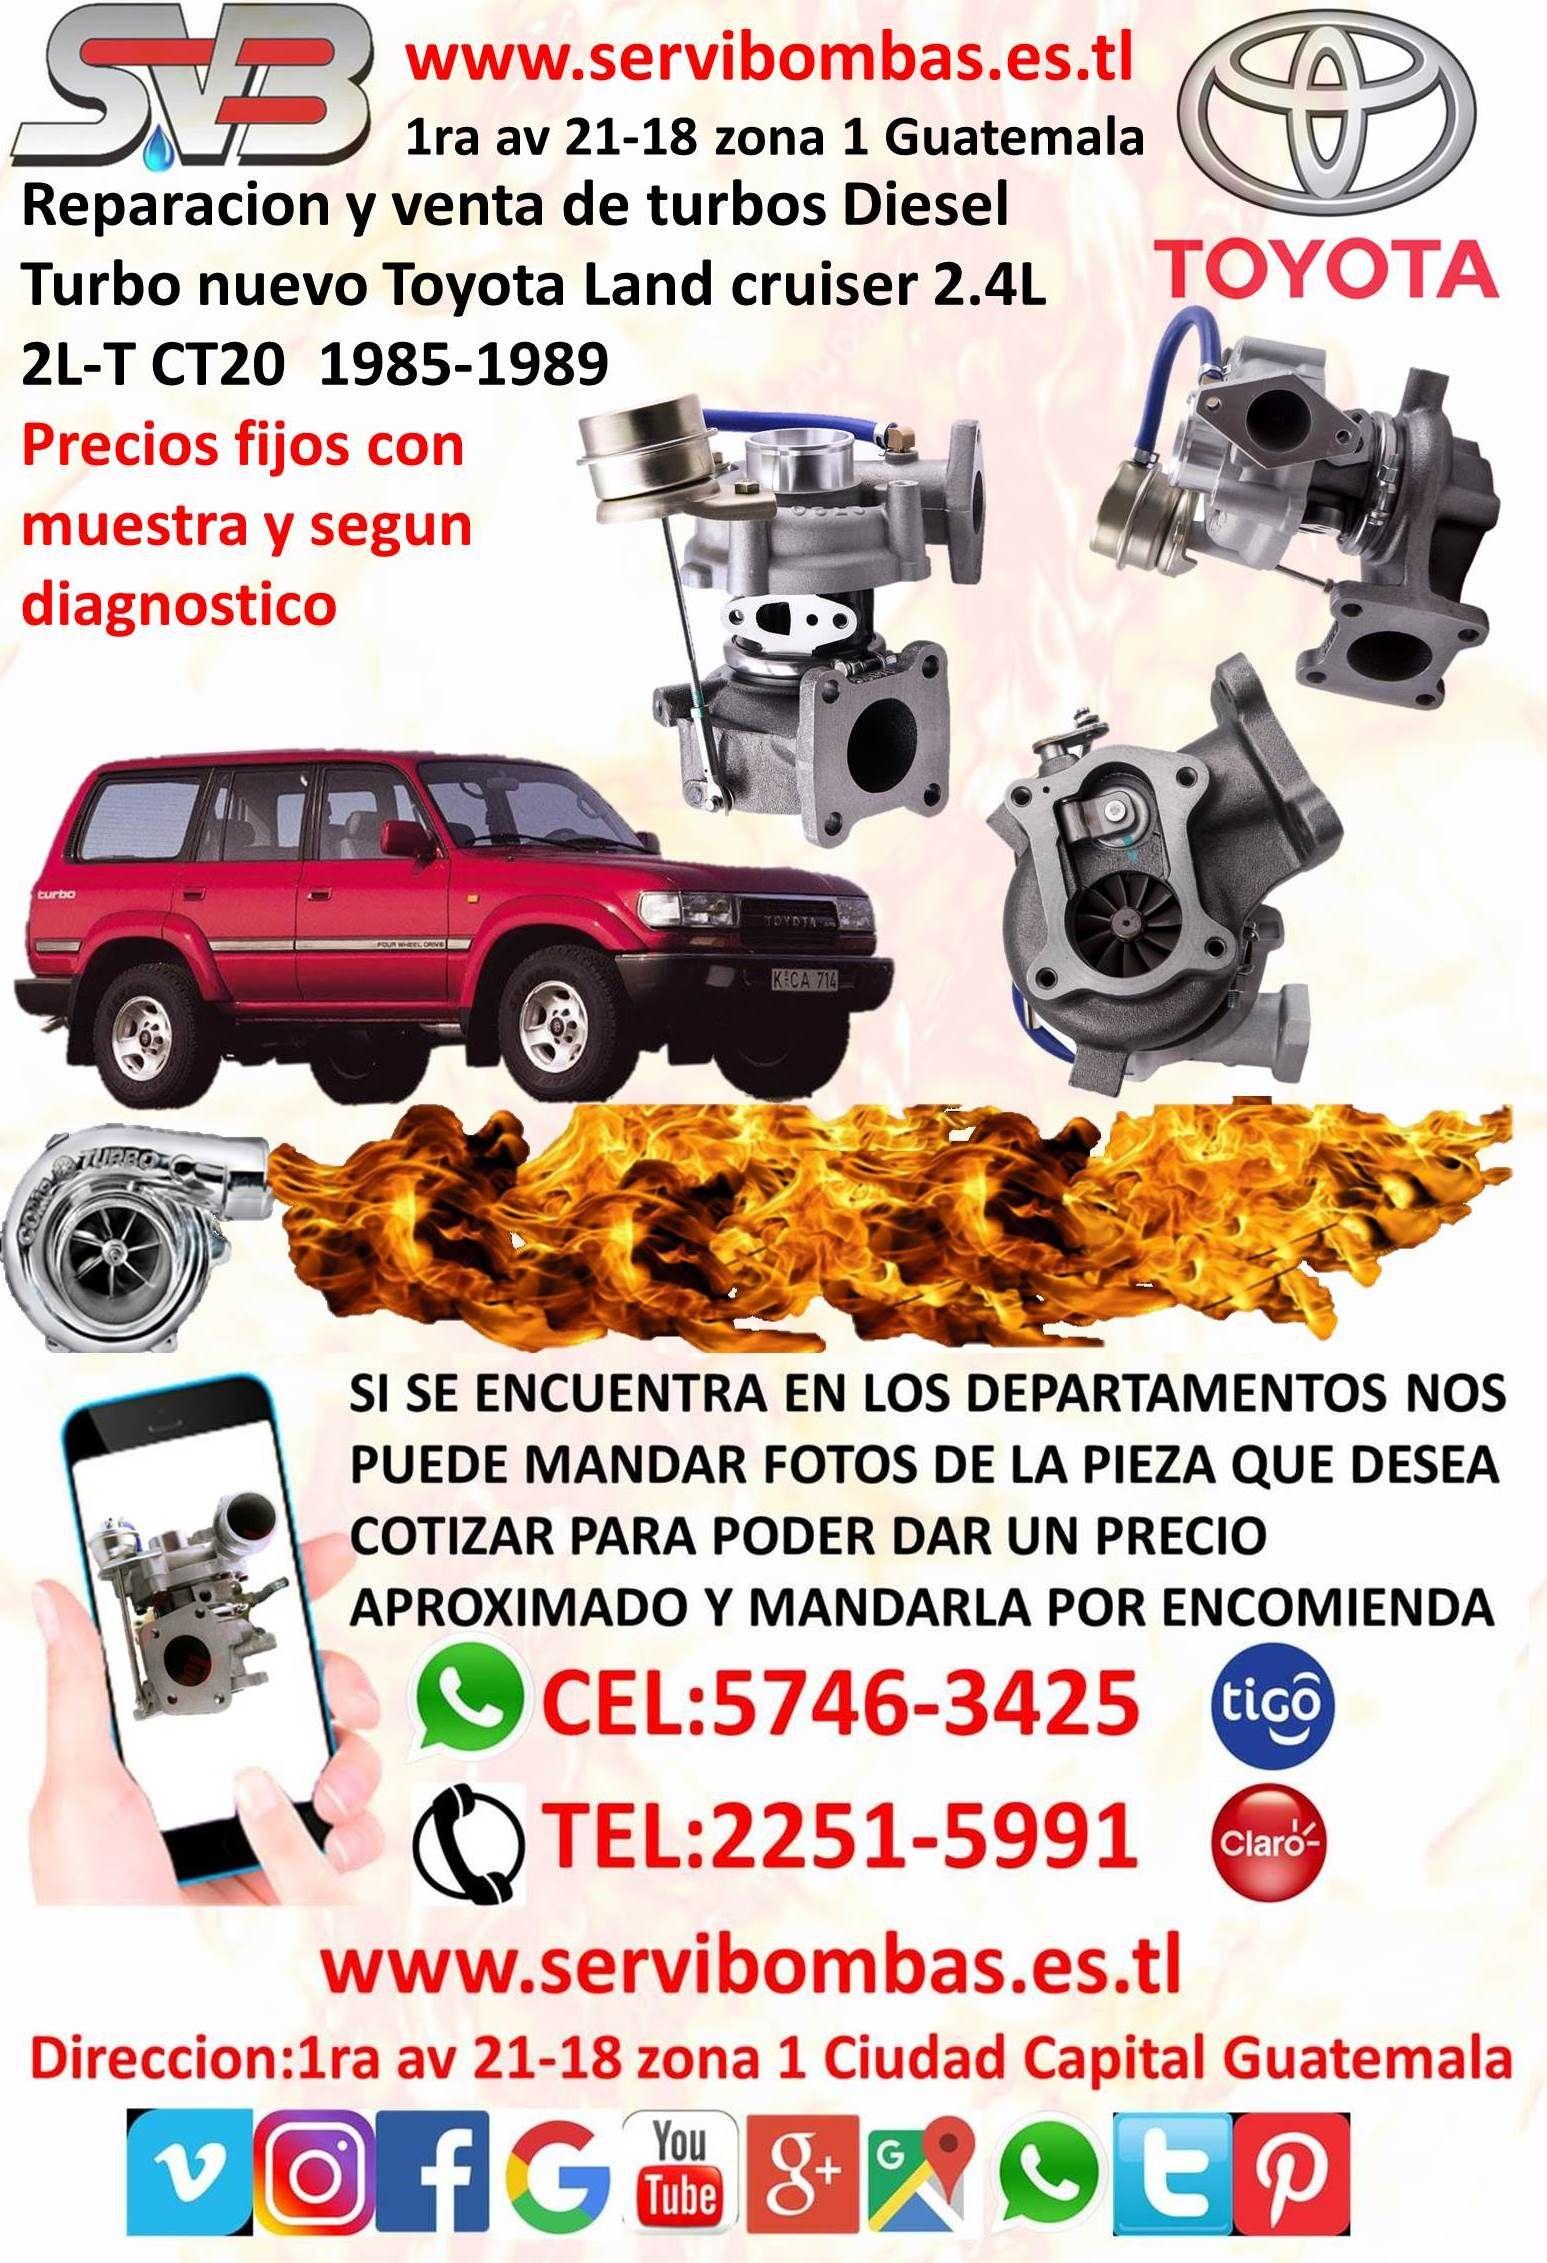 Servibombas Reparacin De Turbo Toyota Land Cruiser 24 2l Ct20 Toyotas Hilux Usados En Guatemala Contamos Con Turbos Y Cartuchos